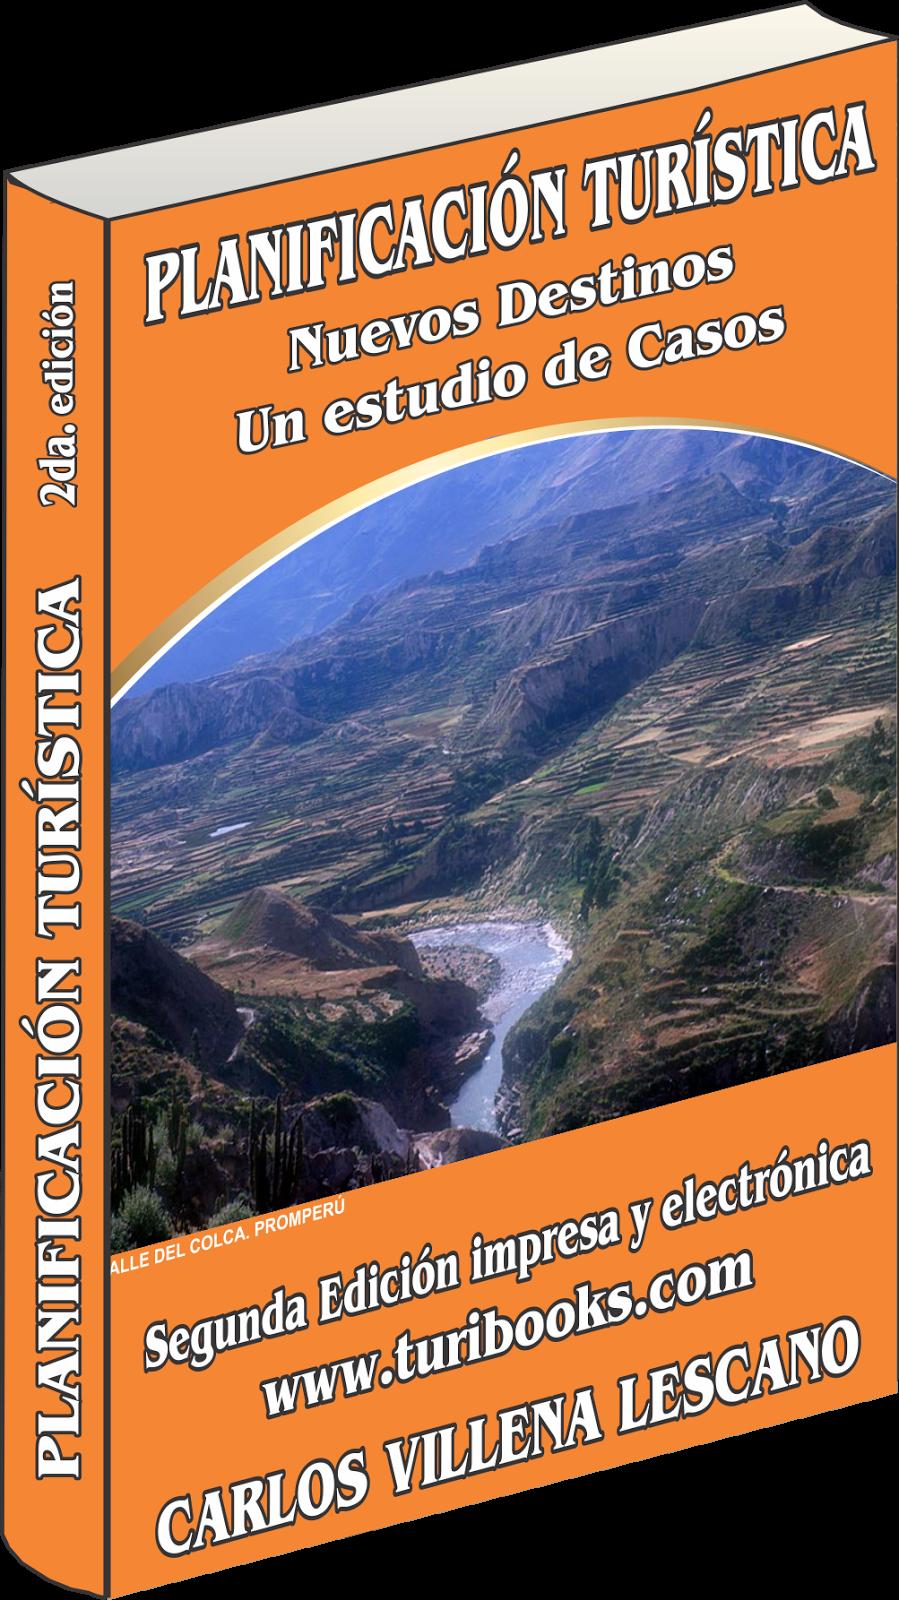 Planificación Turística. Edición 2014